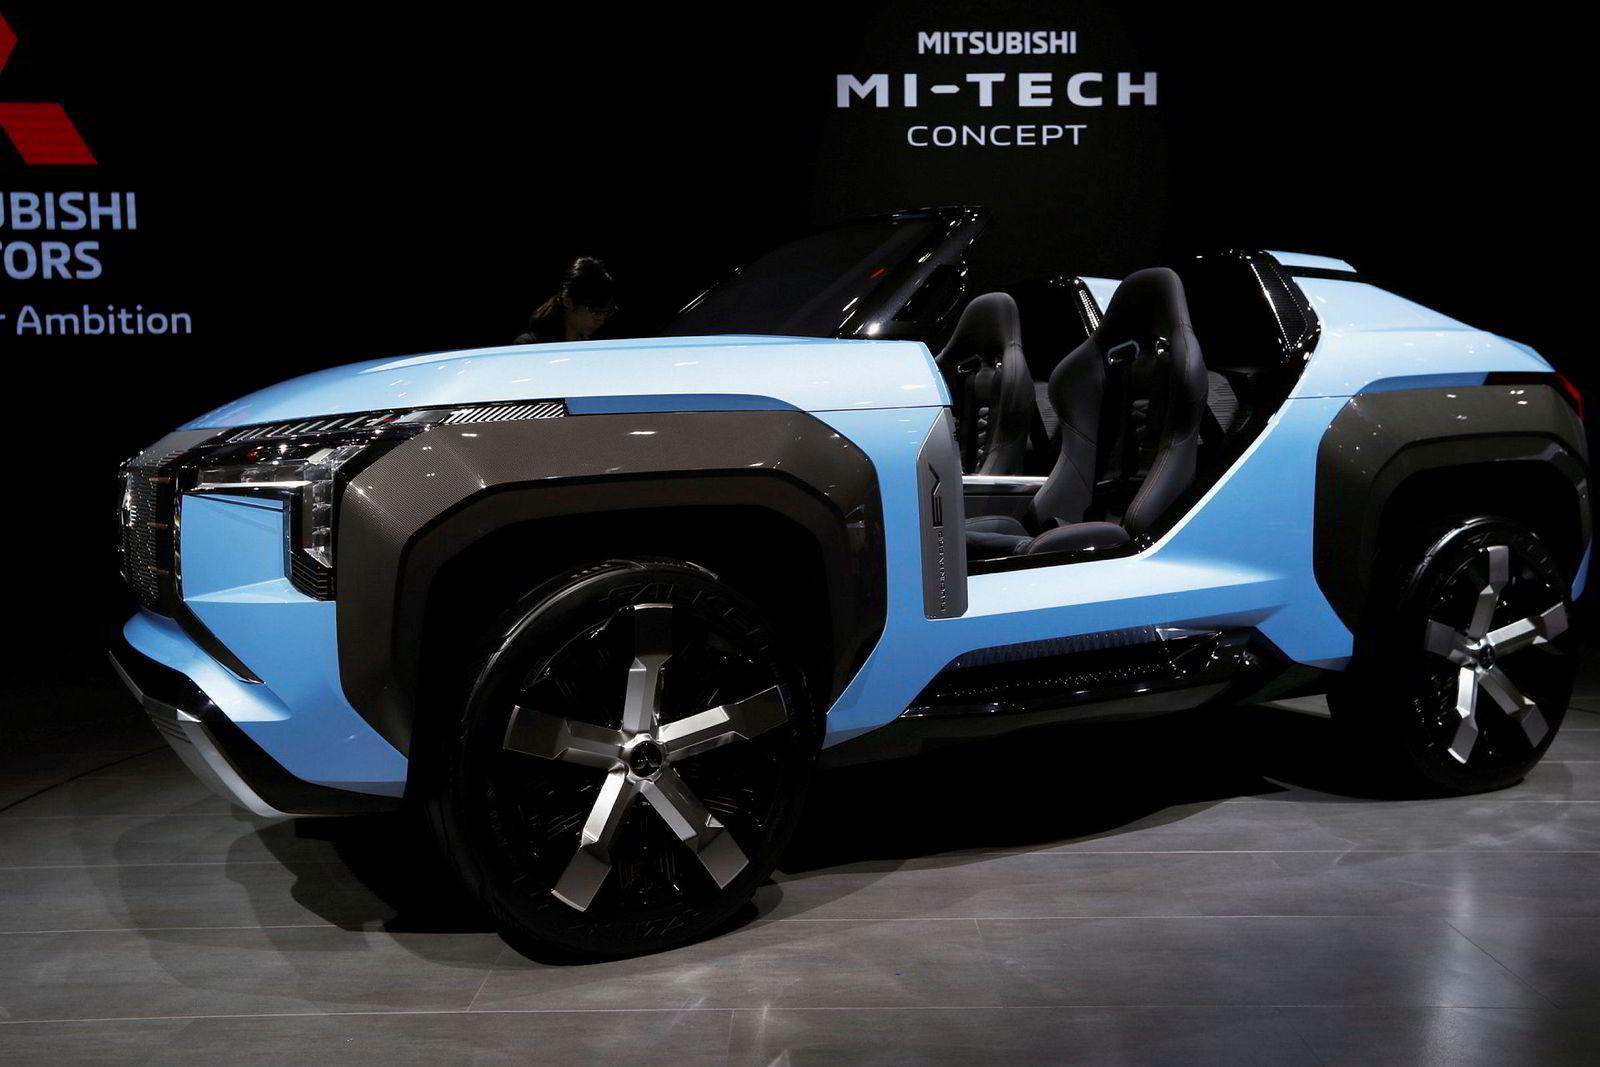 Mitsubishi Mi-Tech hybrid concept er kanskje ikke direkte pen, men skal vise at selskapet jobber med flere suver.